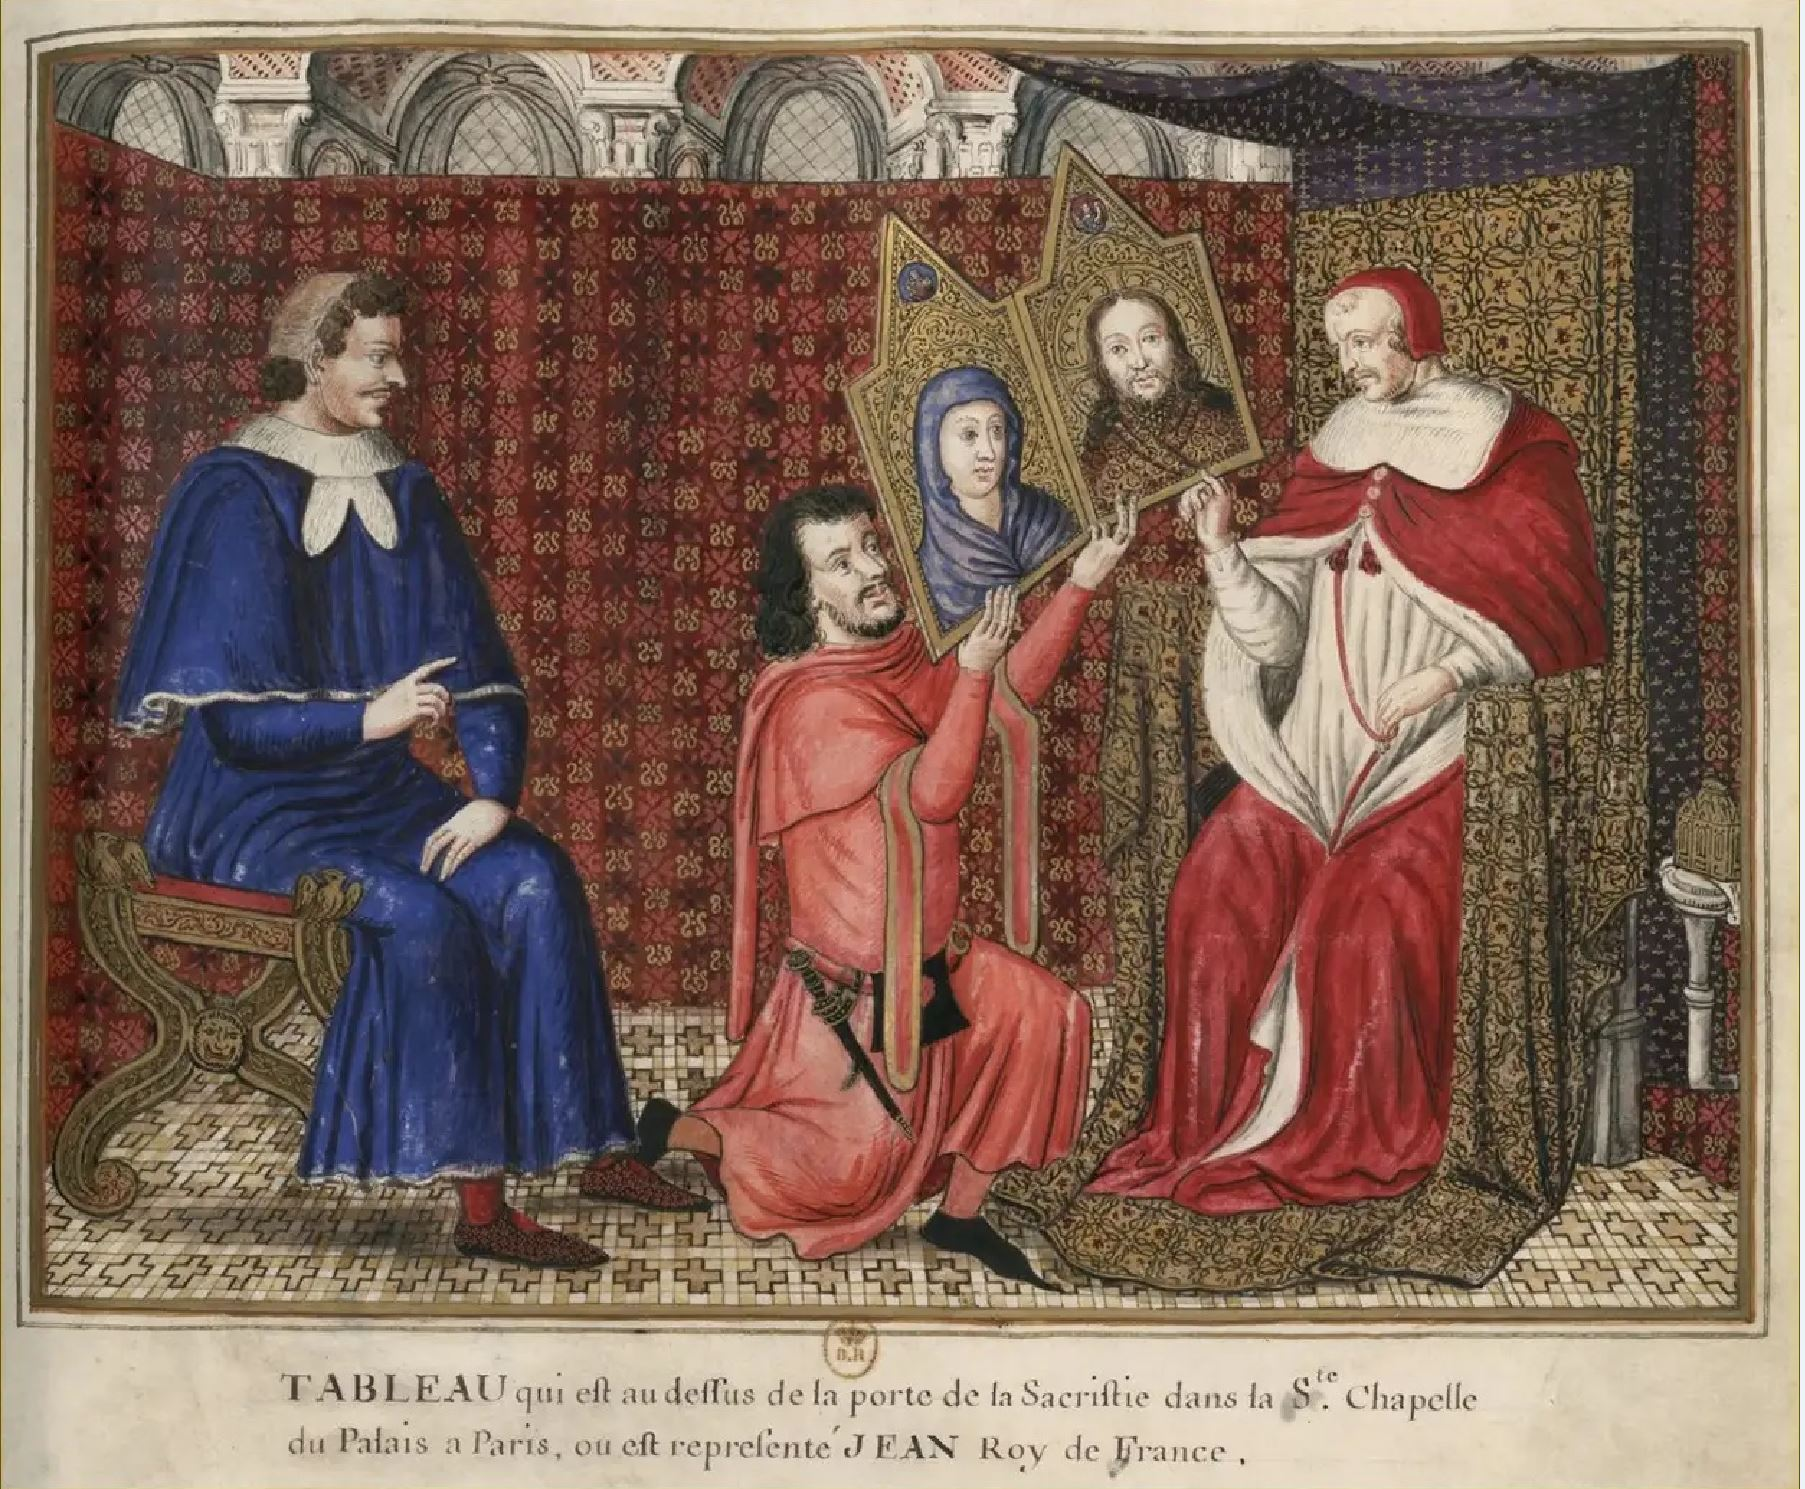 1342, Pape Clement VI offre au roi Jean II le Bon,copie peinture disparue de la Sainte-Chapelle, BNF Estampes. OA-11 fol, 85